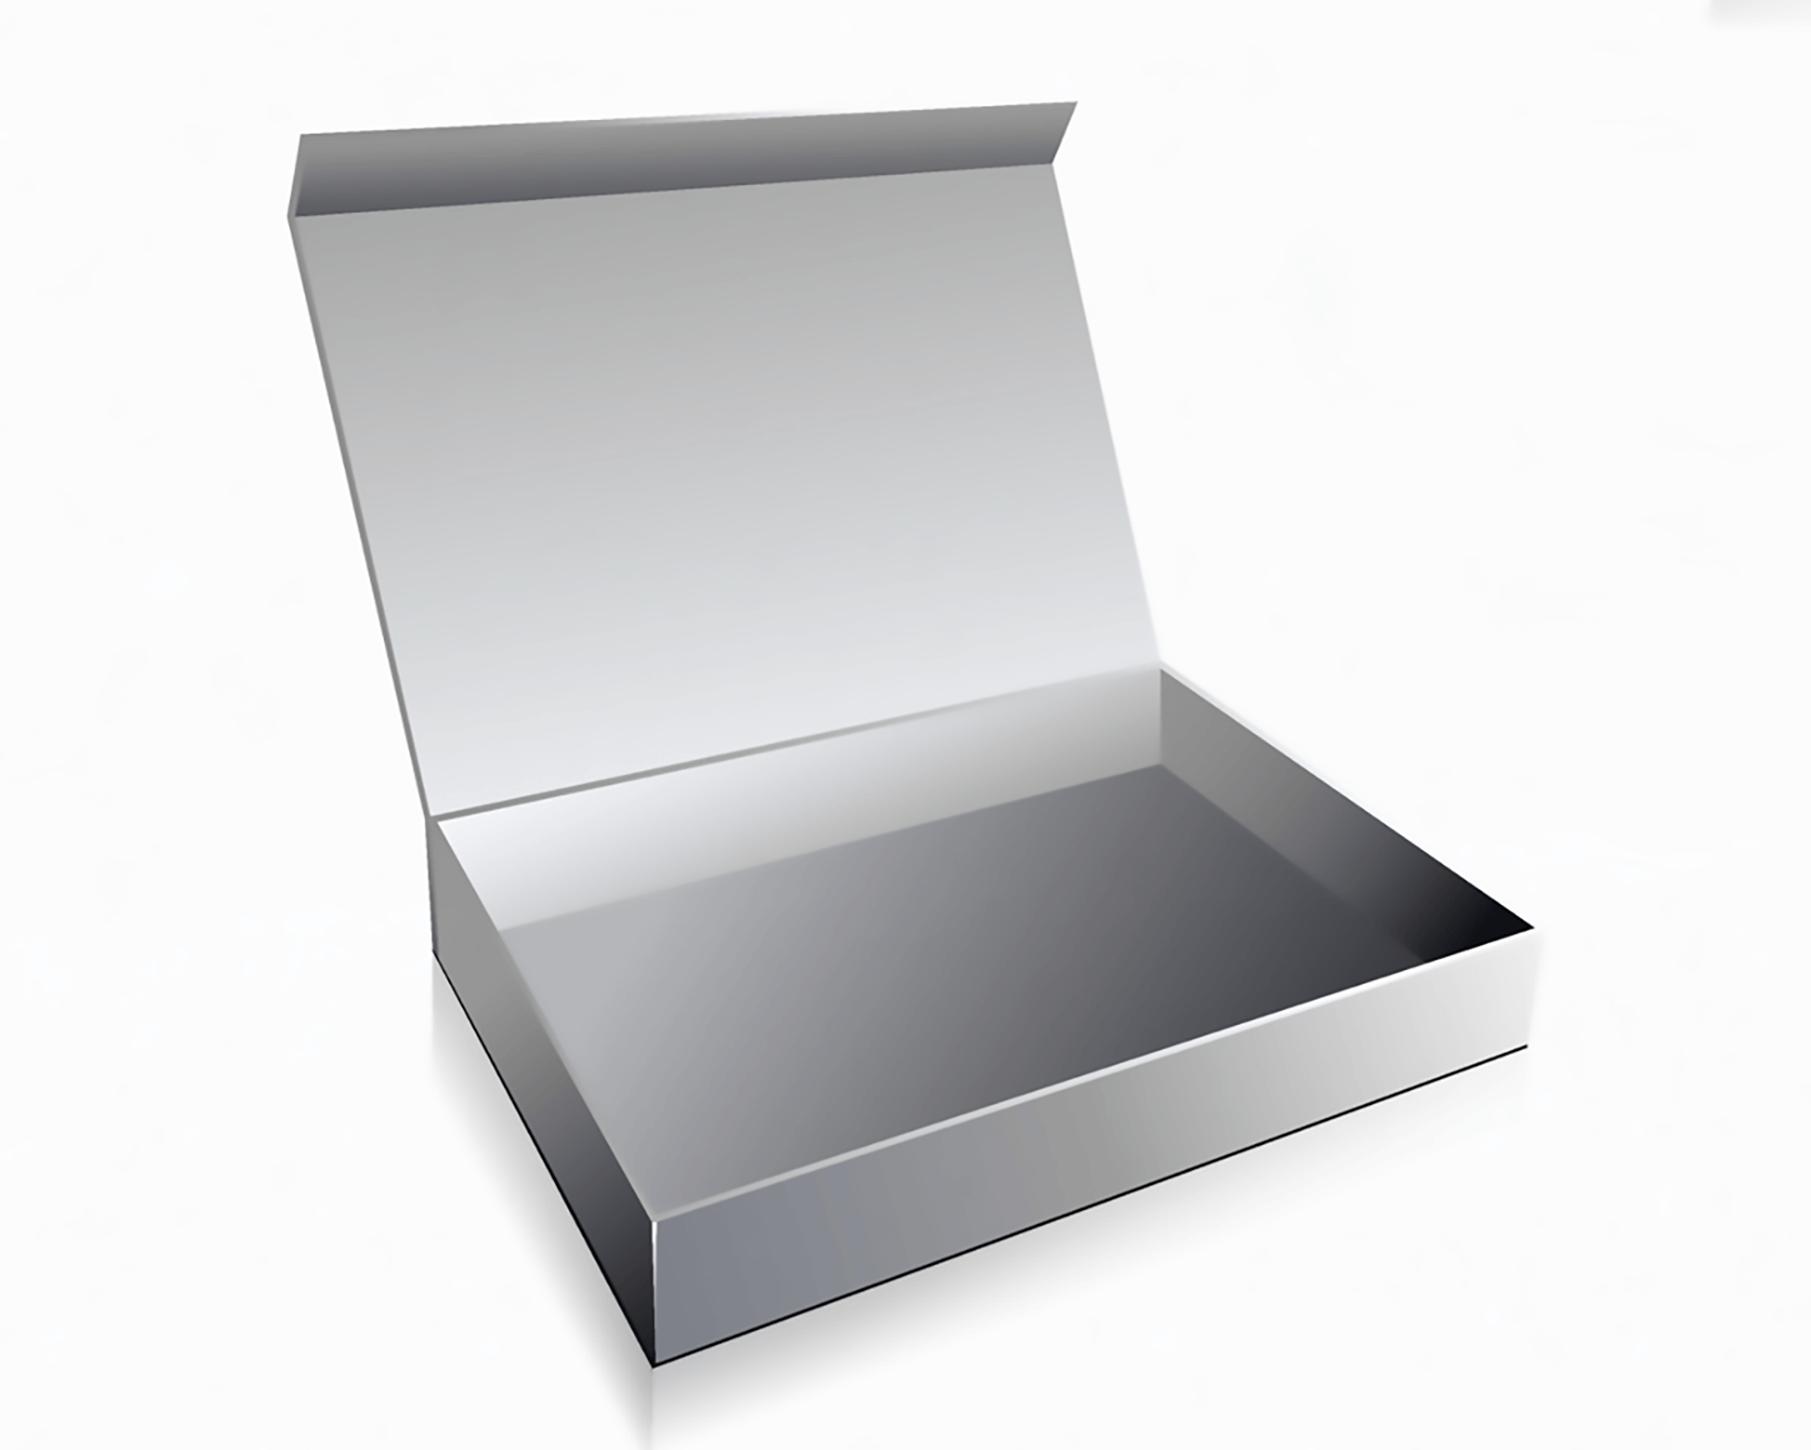 Diseño-cajas-carton